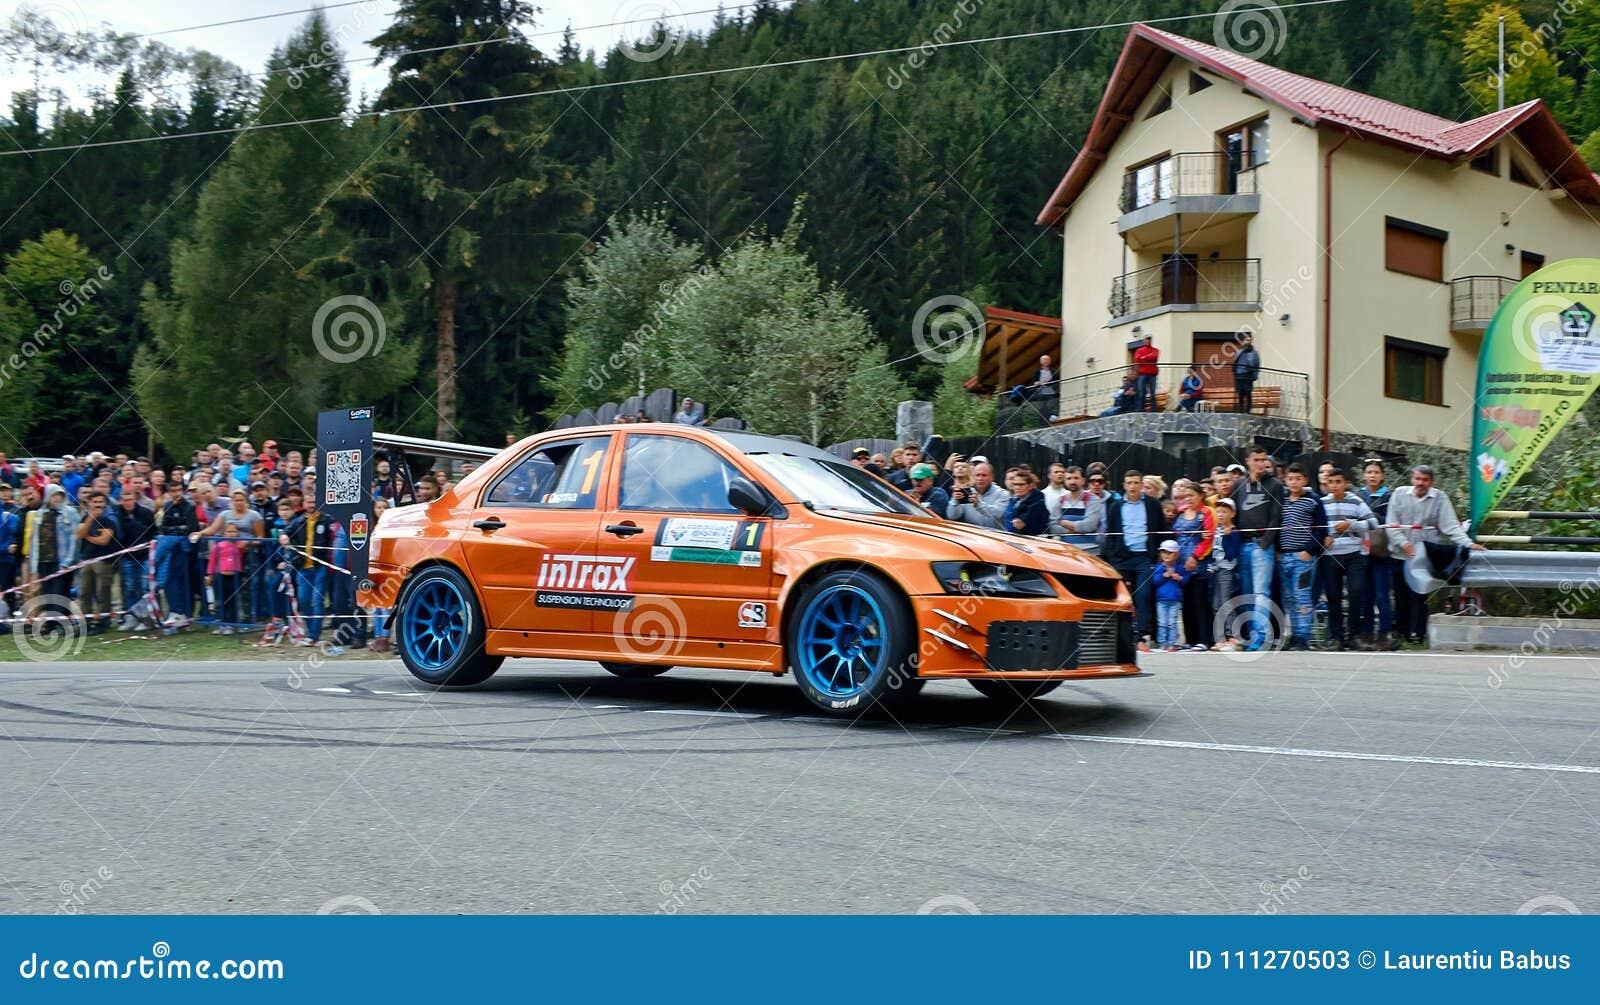 Mitsubishi Lancer Evo Ix Tuning Rally Car Editorial Stock Photo